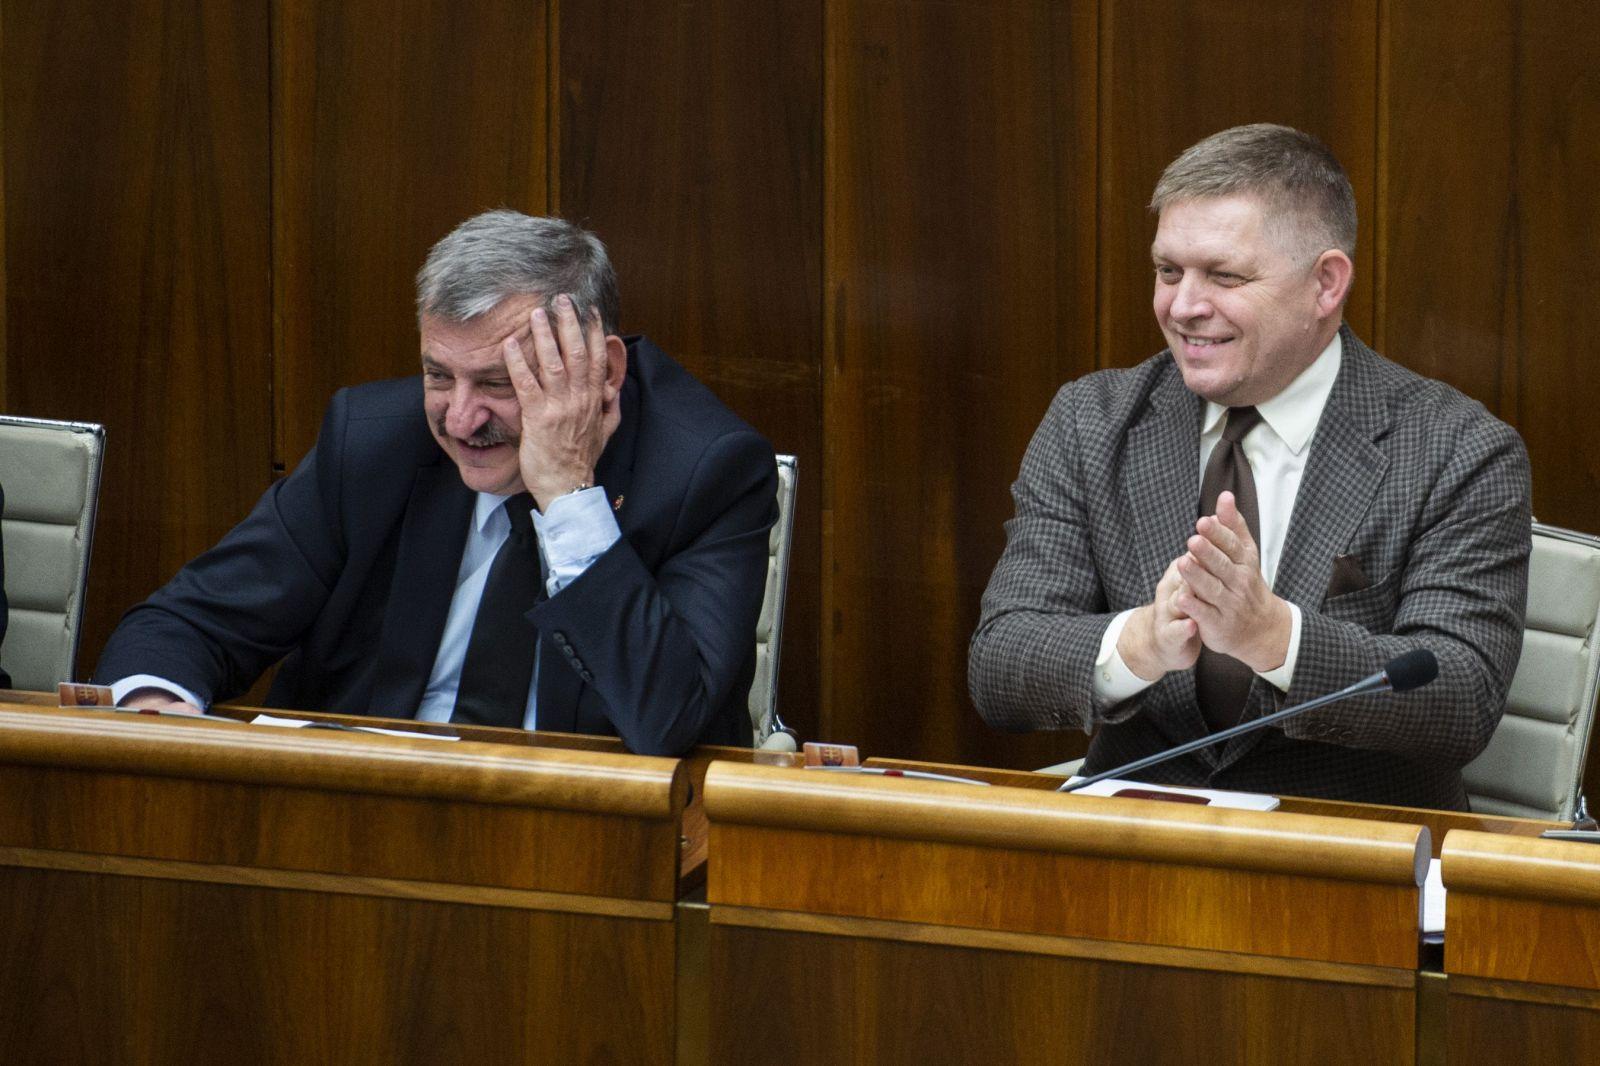 5 vecí, ktoré by si mal vedieť o 50-dňovom moratóriu. Prečo odborníci prirovnávajú Slovensko k Afrike?